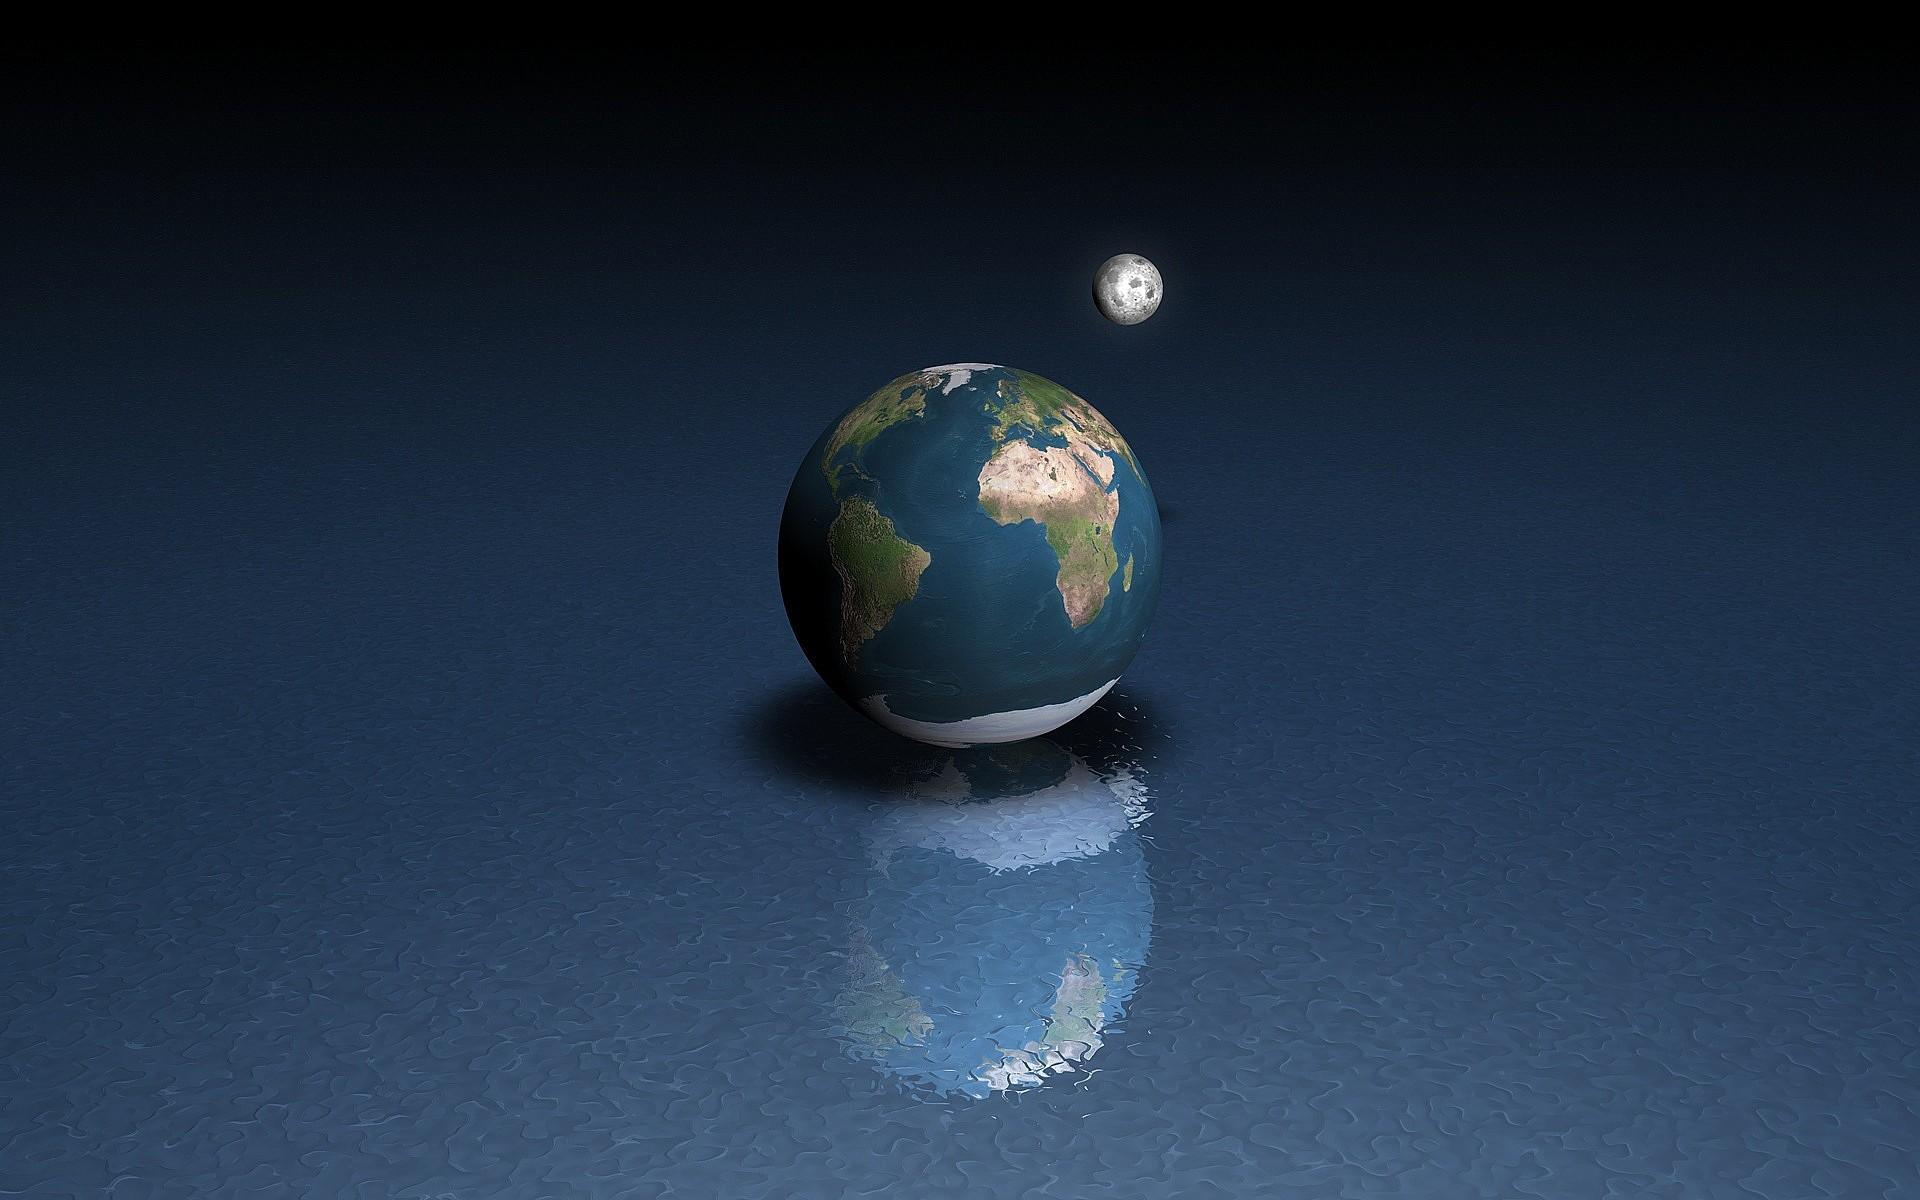 Земли и луны на поверхности воды обои